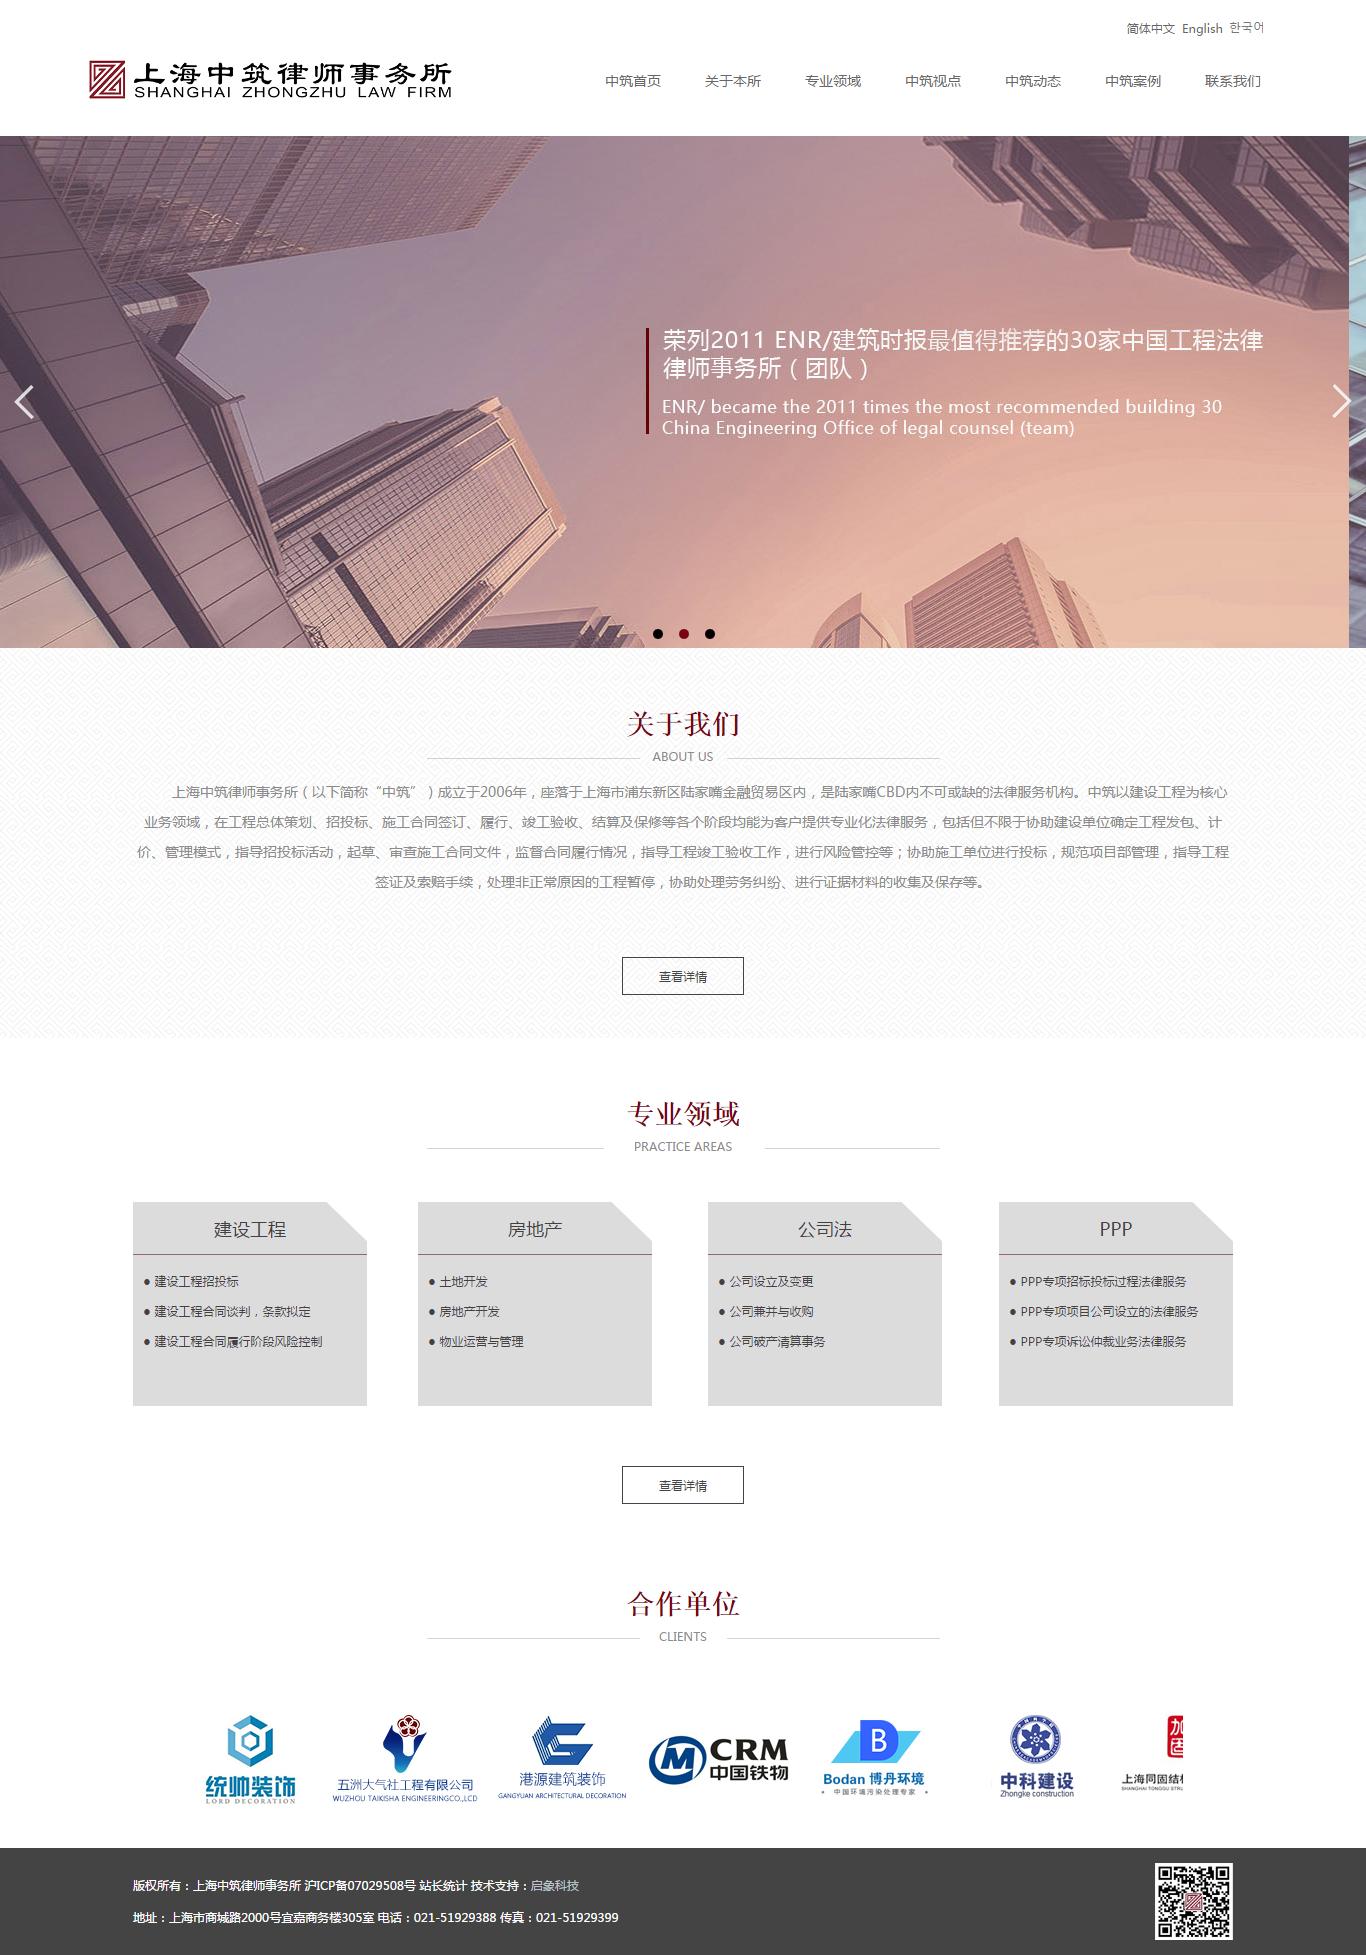 上海中筑律師事務所建筑律師建筑律師事務所建設工程律師律師事務所專業律師事務所